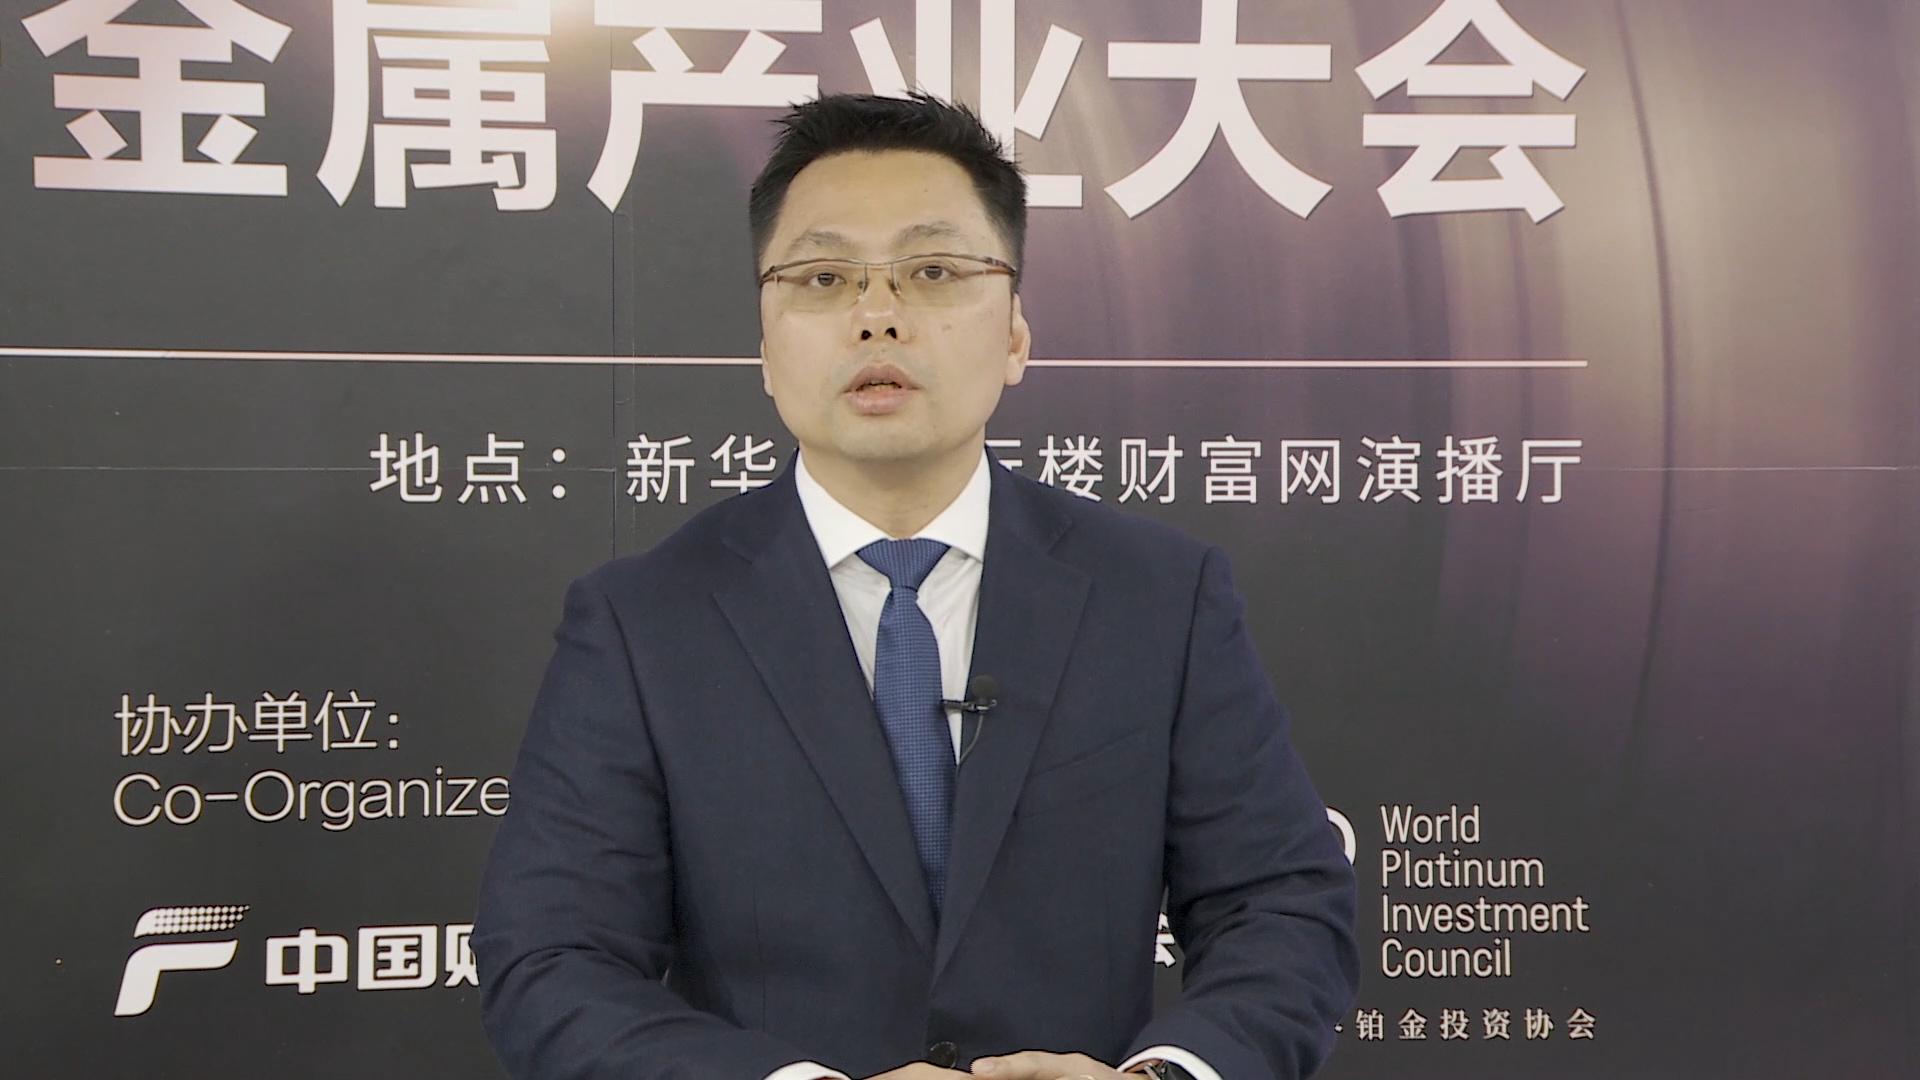 邓伟斌:建议投资者以实物配置的方式投资铂金